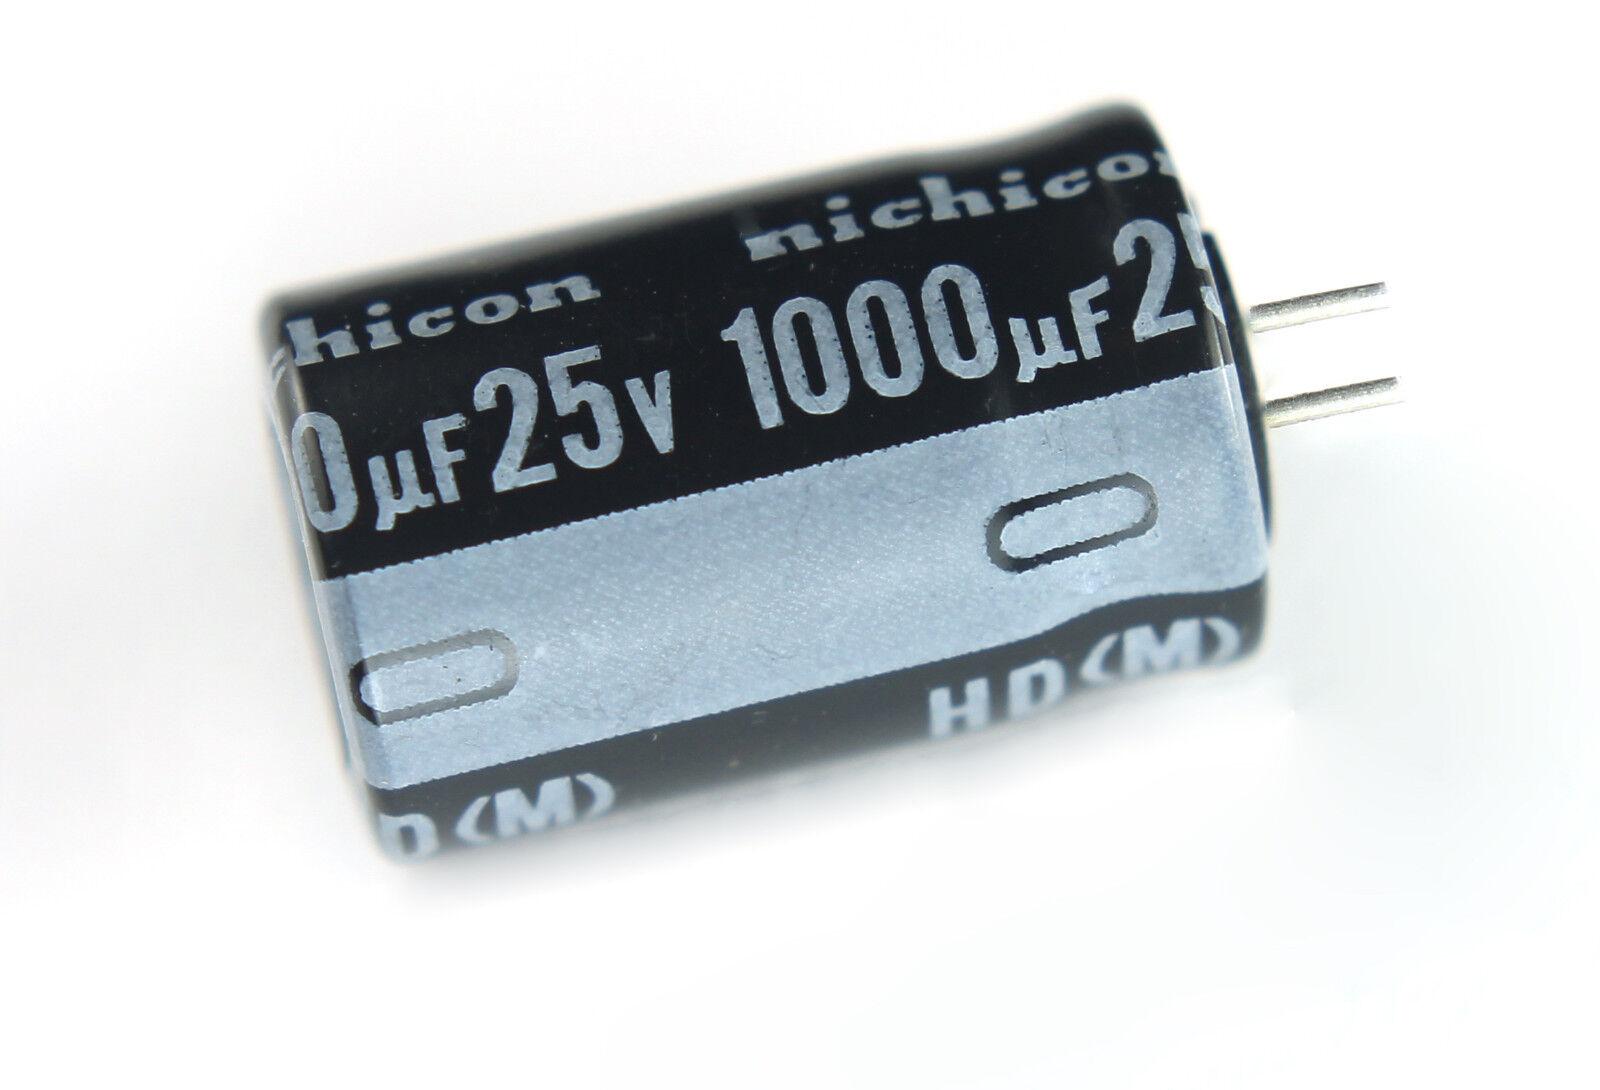 Nichicon Elko  UPM1E152MHD6  105° 1500uF  25V Low ESR  16x20mm RM7,5  #BP 4 pcs